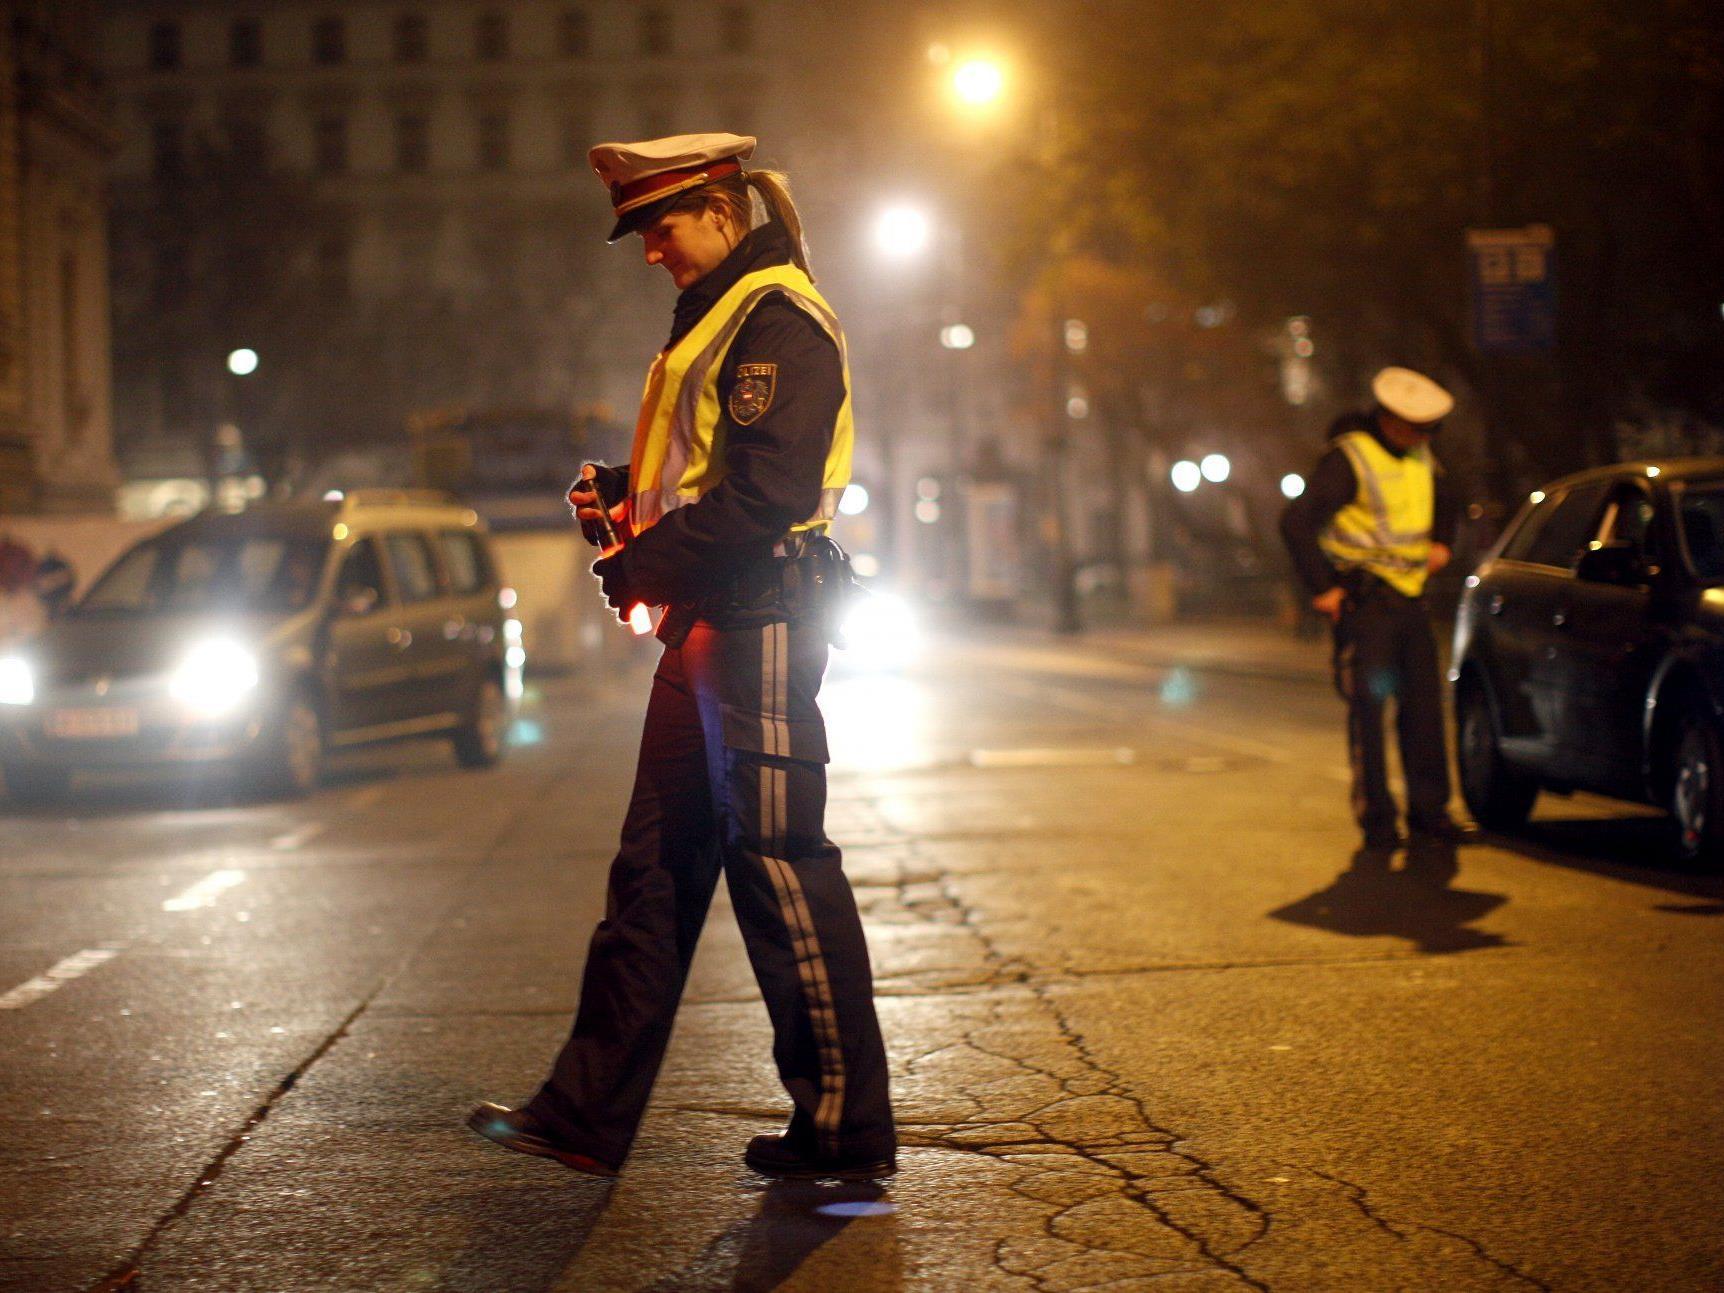 Der Tschetschene konnte von der Polizei gestellt werden.